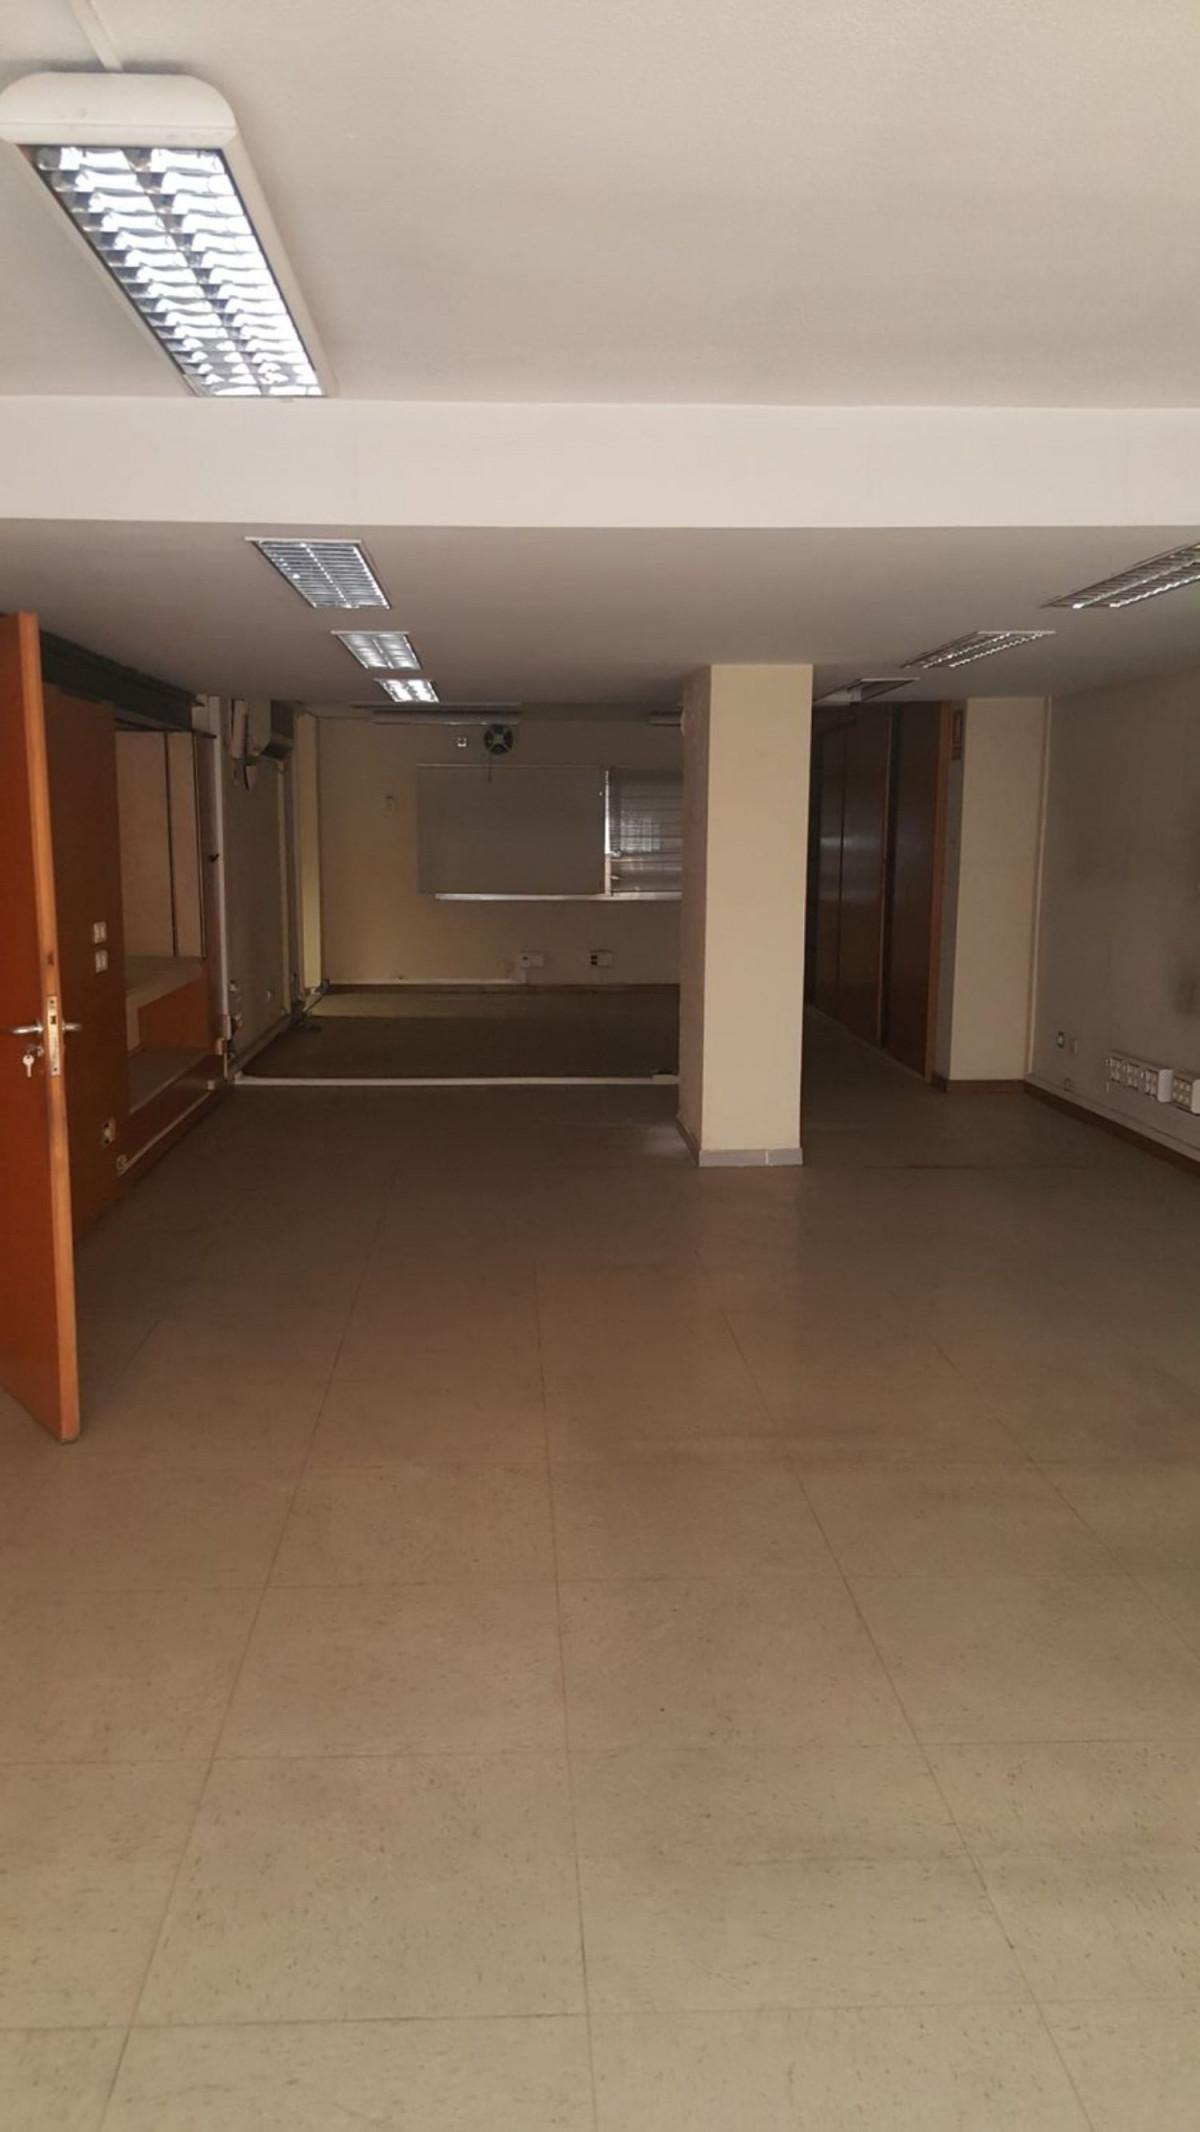 Alquiler de oficina en valencia - imagenInmueble2